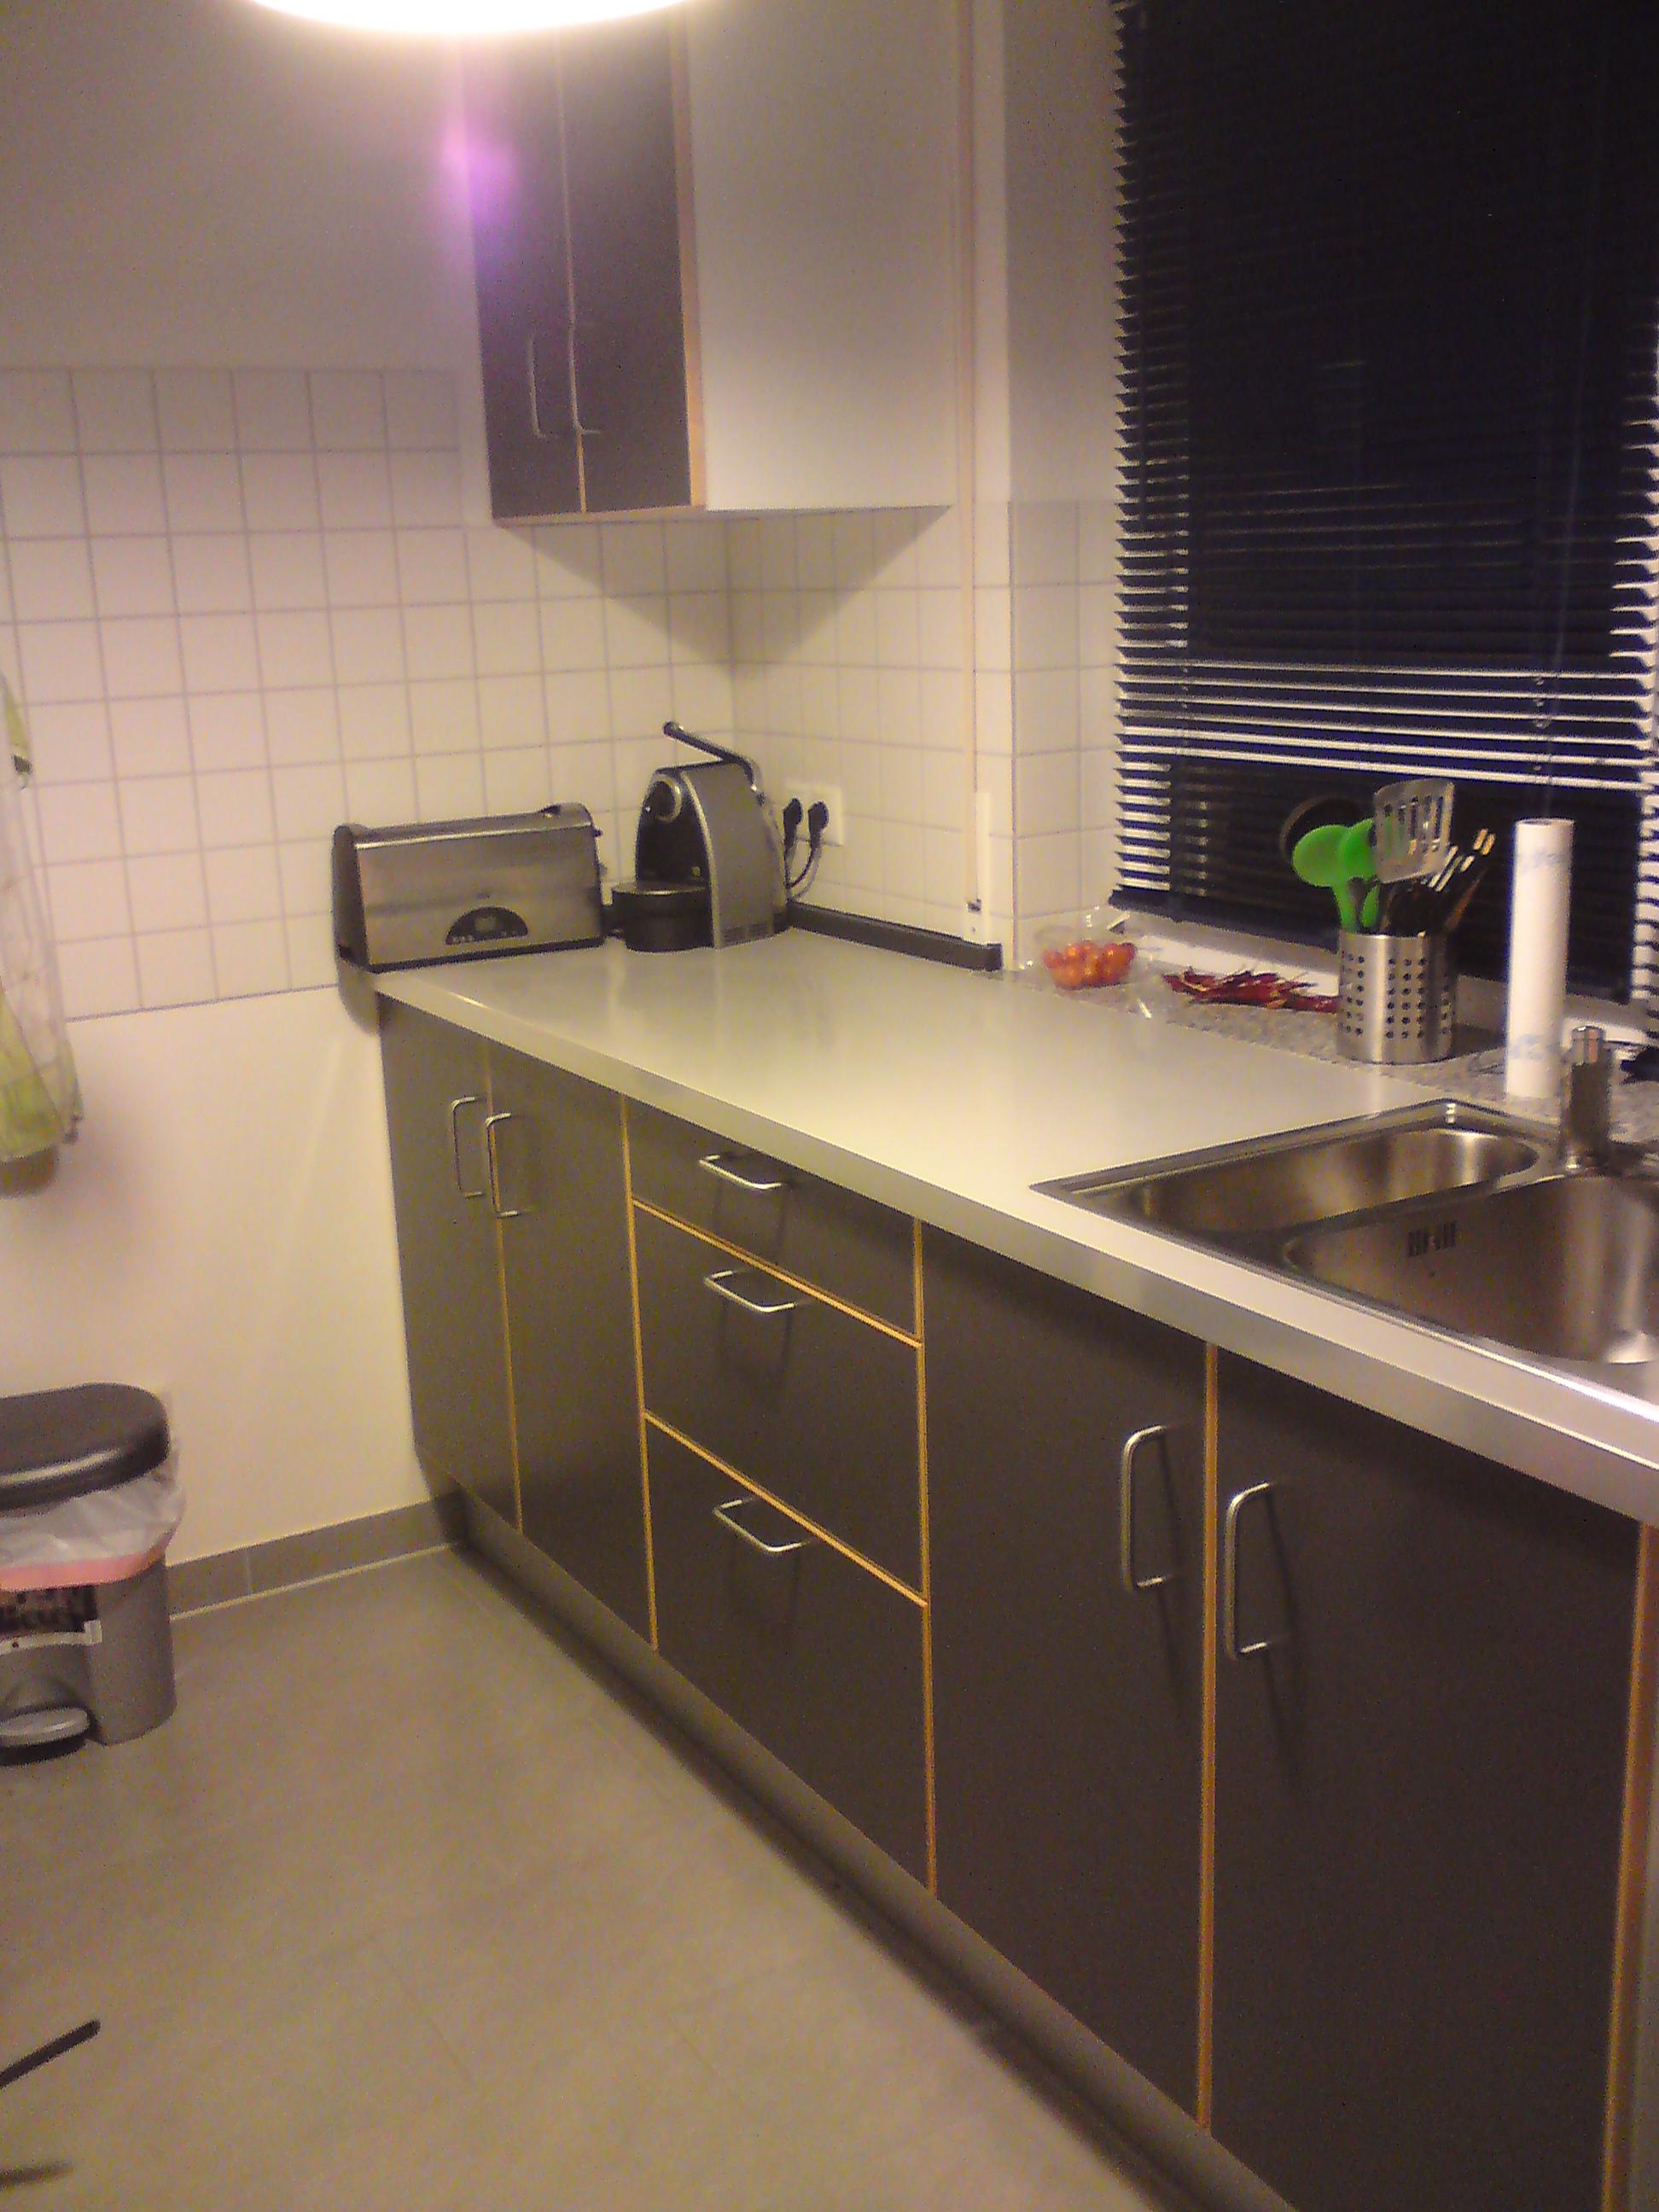 IKEA Küche Sörbo Dunkelgrau VB 180€ in Friedrichshafen | Möbel und ...